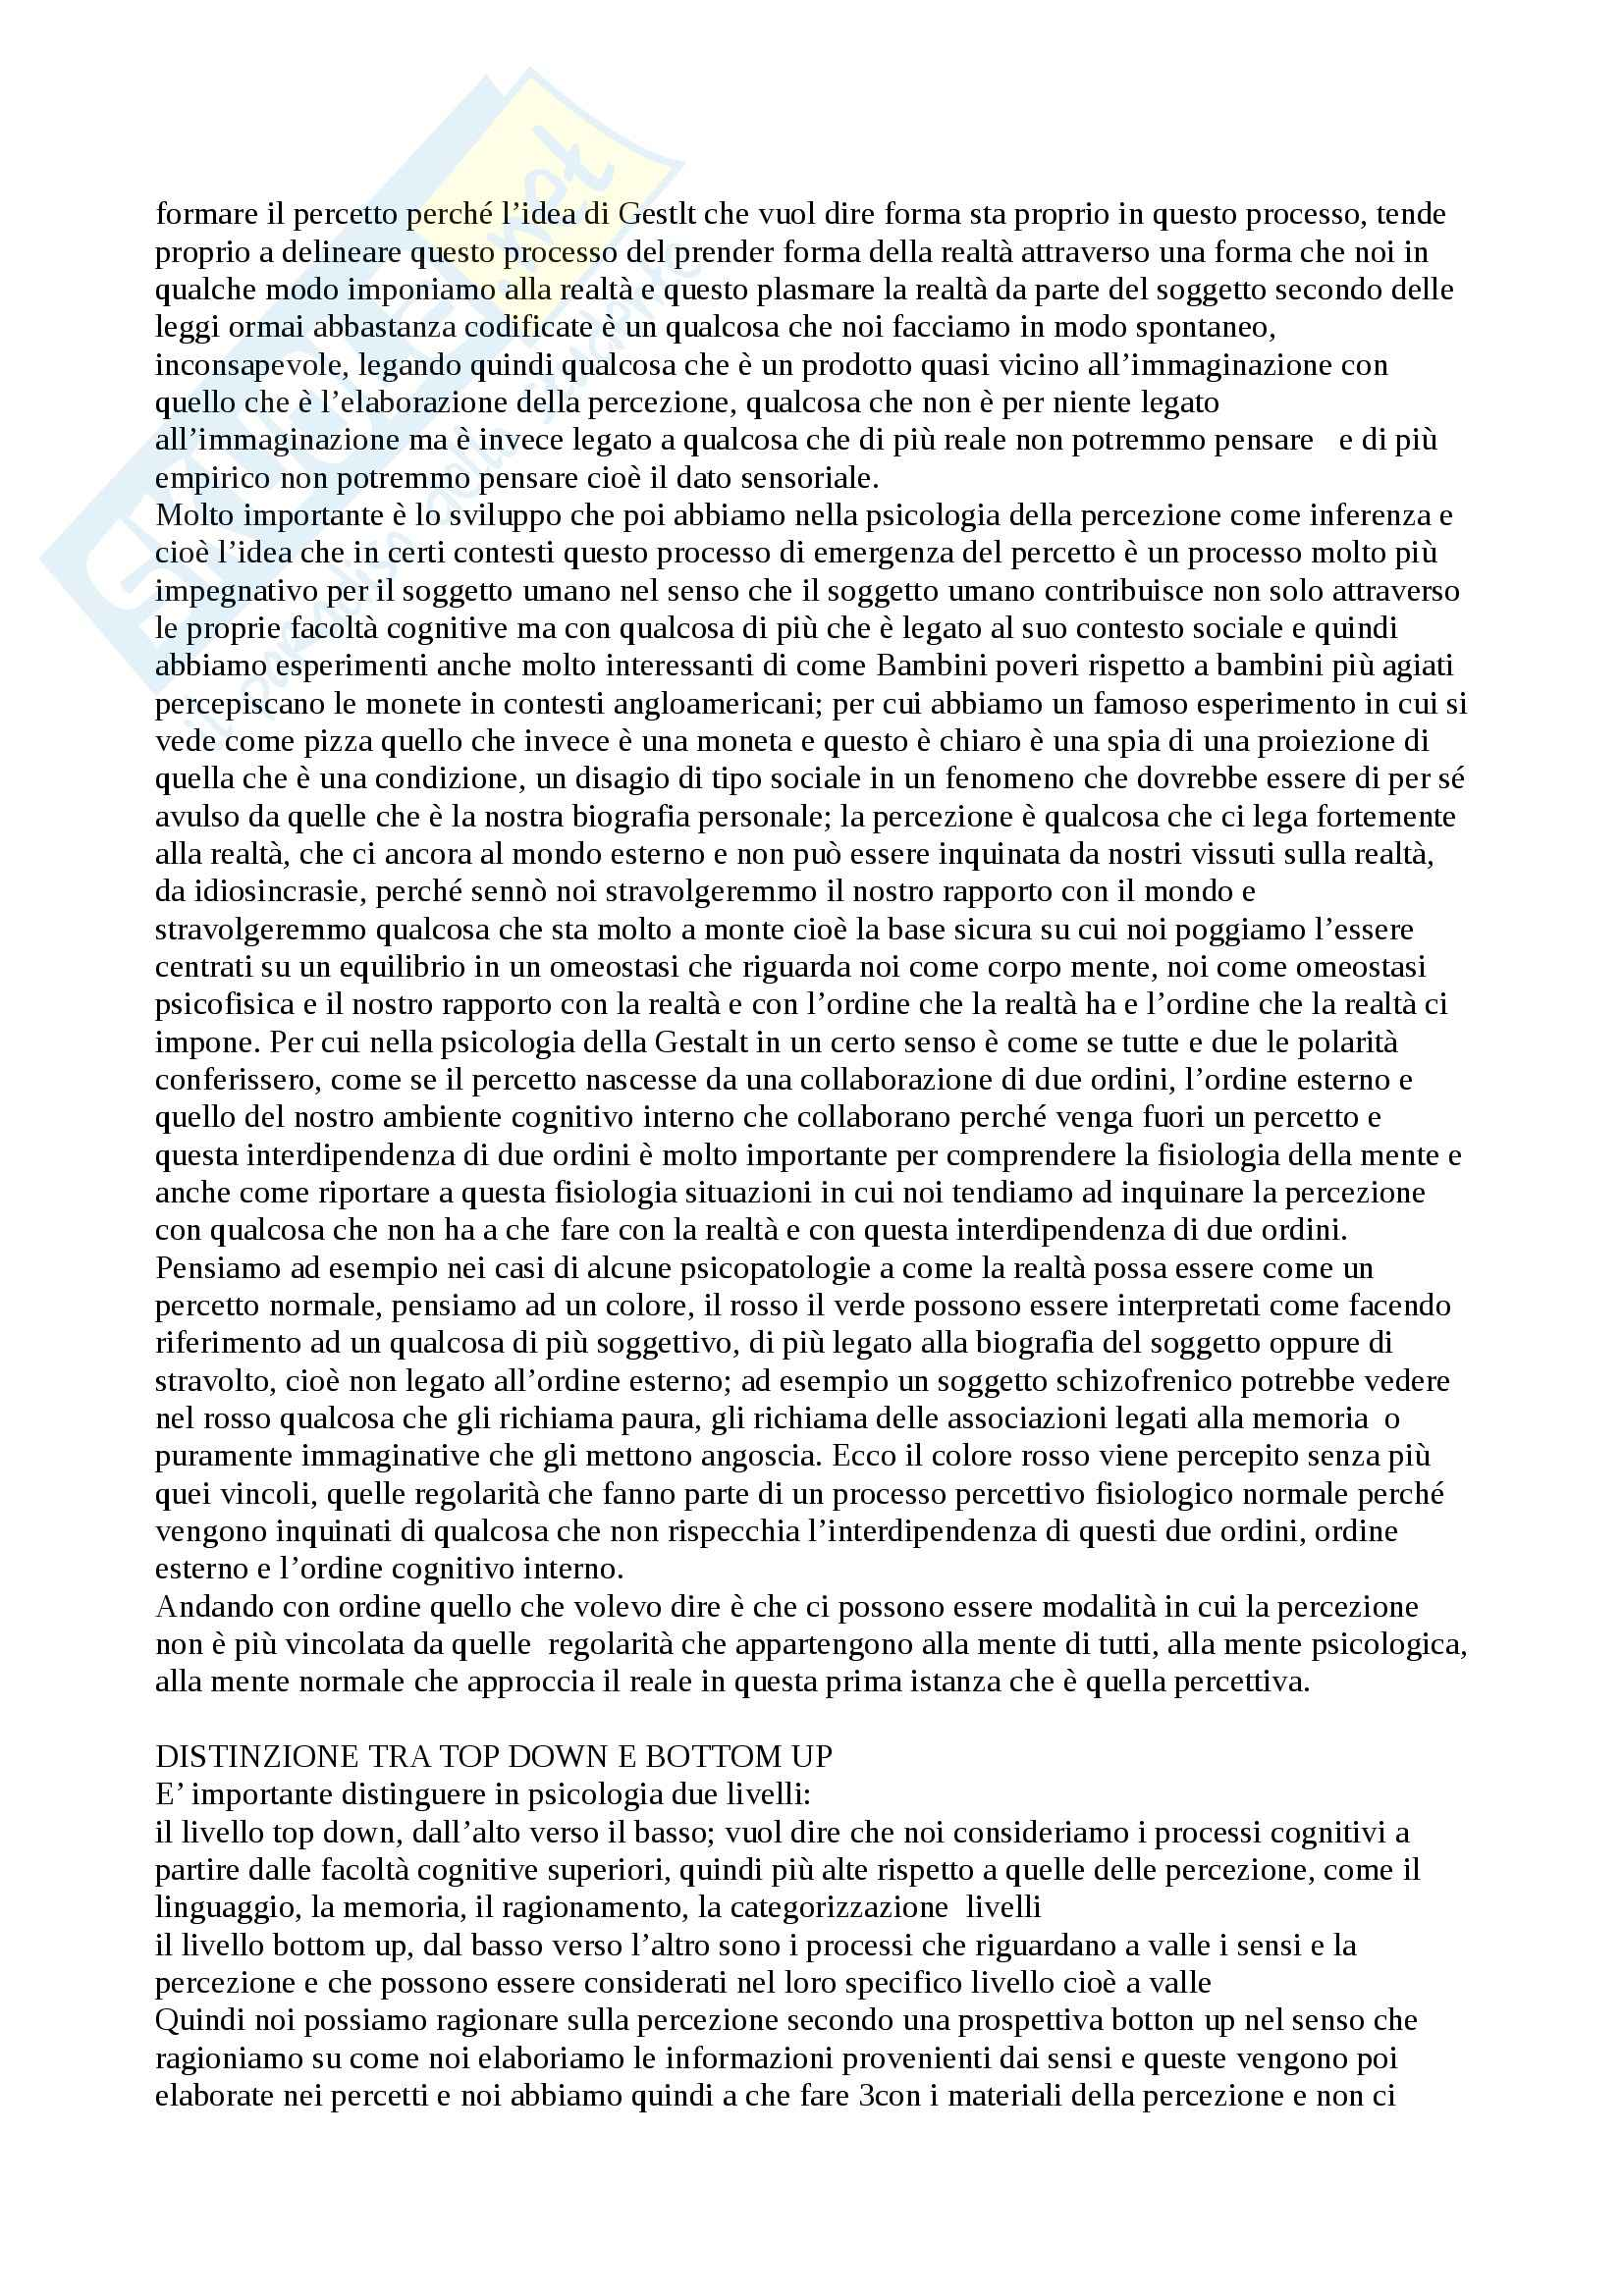 Psicologia generale - Appunti Pag. 2